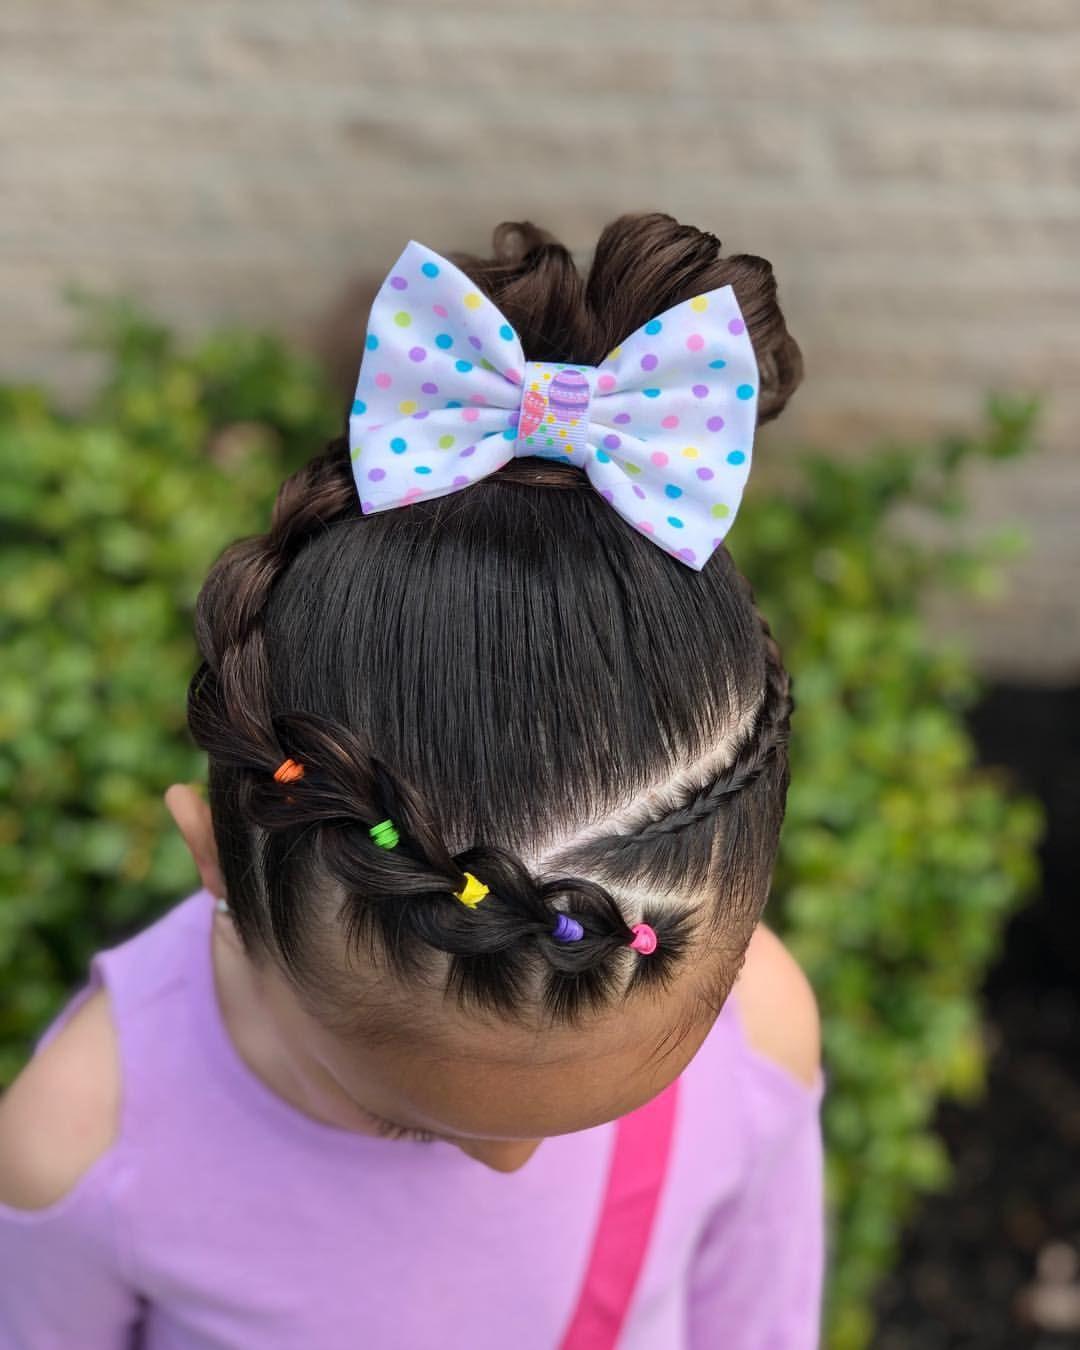 """Amber 🎀🌸💜 Creaciones de cabello para niños pequeños en Instagram: """"Tira de una trenza y una trenza de encaje holandesa en un moño desordenado 🎀🌸💜 • Adorable lazo de Pascua de @simplysofisbowshop 🐣 haz que pidas tu Pascua …"""""""